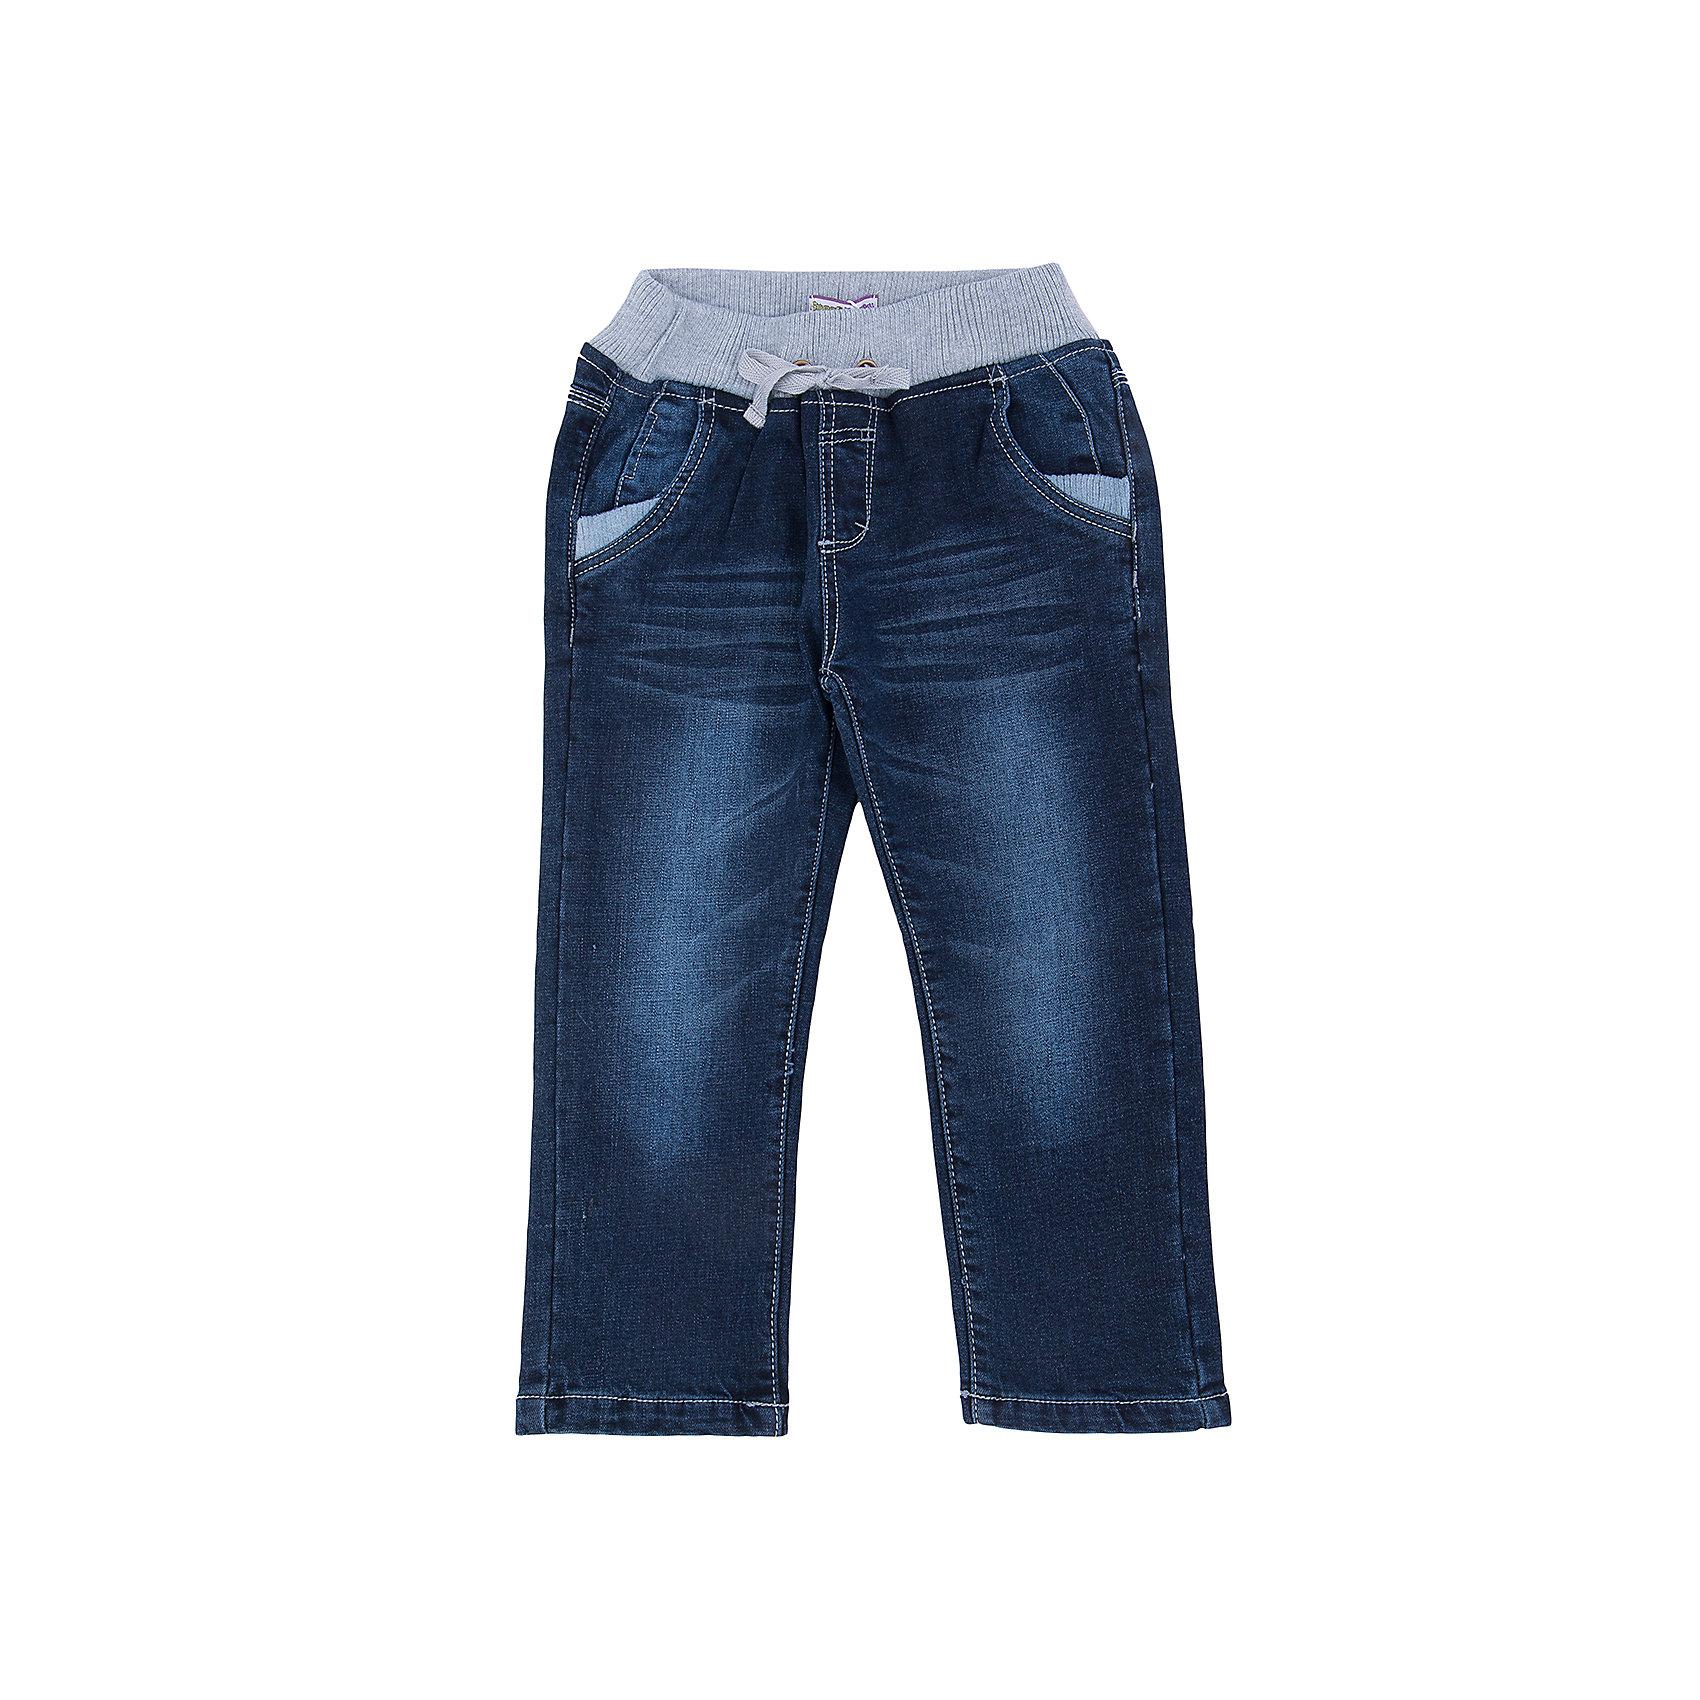 Джинсы для мальчика Sweet BerryТакая модель брюк для мальчика отличается мягким и приятным на ощупь материалом. Удачный крой обеспечит ребенку комфорт и тепло. Плотная ткань делает вещь идеальной для прохладной погоды. Она плотно прилегает к телу там, где нужно, и отлично сидит по фигуре. Брюки имеют резинку и шнурок на талии. <br>Одежда от бренда Sweet Berry - это простой и выгодный способ одеть ребенка удобно и стильно. Всё изделия тщательно проработаны: швы - прочные, материал - качественный, фурнитура - подобранная специально для детей. <br><br>Дополнительная информация:<br><br>цвет: синий;<br>резинка и шнурок на талии;<br>материал: верх - 100% хлопок, подкладка - 100% хлопок.<br><br>Брюки для мальчика от бренда Sweet Berry можно купить в нашем интернет-магазине.<br><br>Ширина мм: 215<br>Глубина мм: 88<br>Высота мм: 191<br>Вес г: 336<br>Цвет: синий<br>Возраст от месяцев: 24<br>Возраст до месяцев: 36<br>Пол: Мужской<br>Возраст: Детский<br>Размер: 98,104,110,116,122,128<br>SKU: 4930016